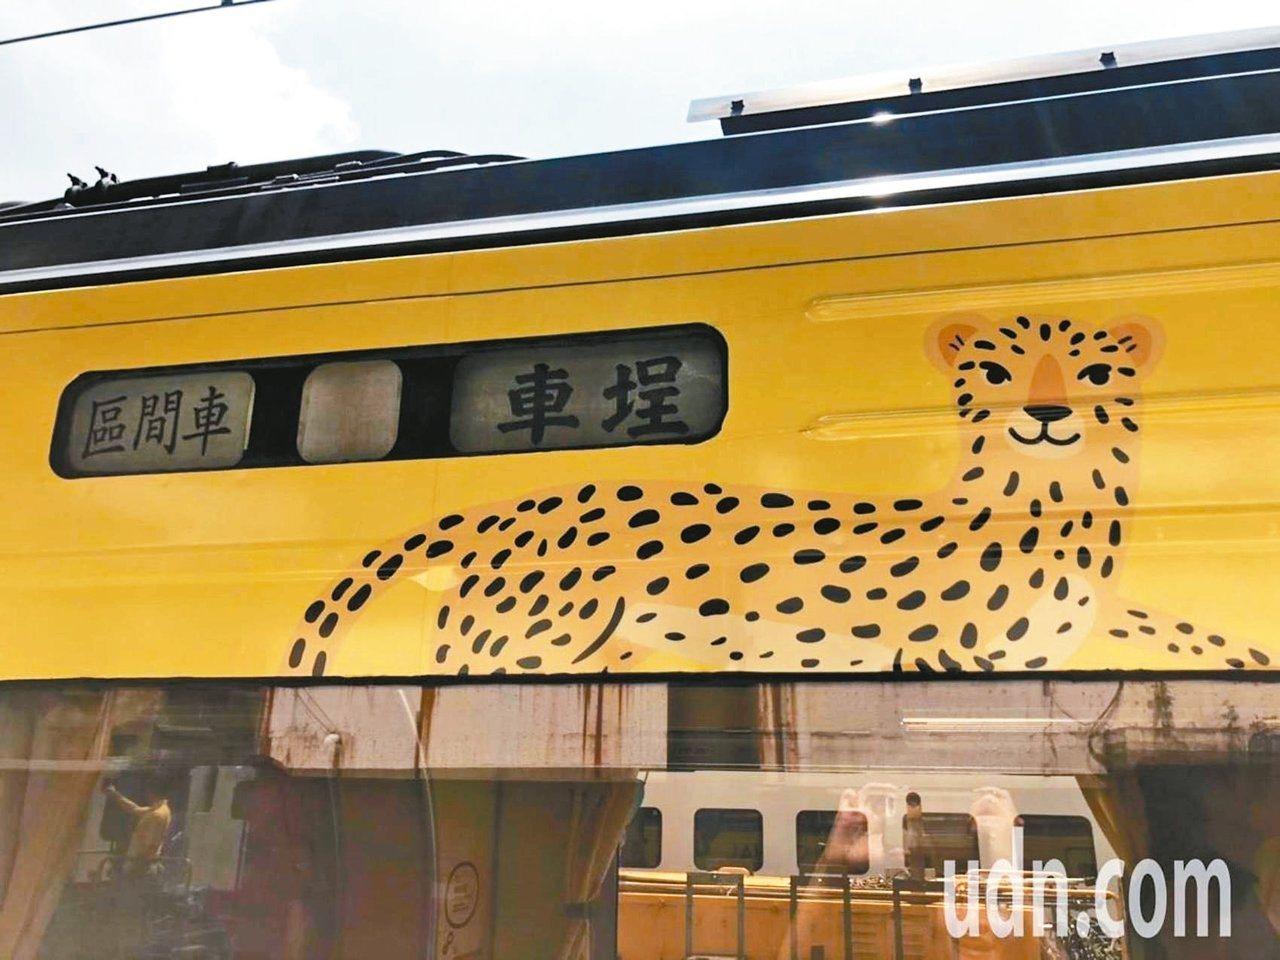 集集支線彩繪列車上的石虎圖案,遭外界批評像花豹。 本報資料照片